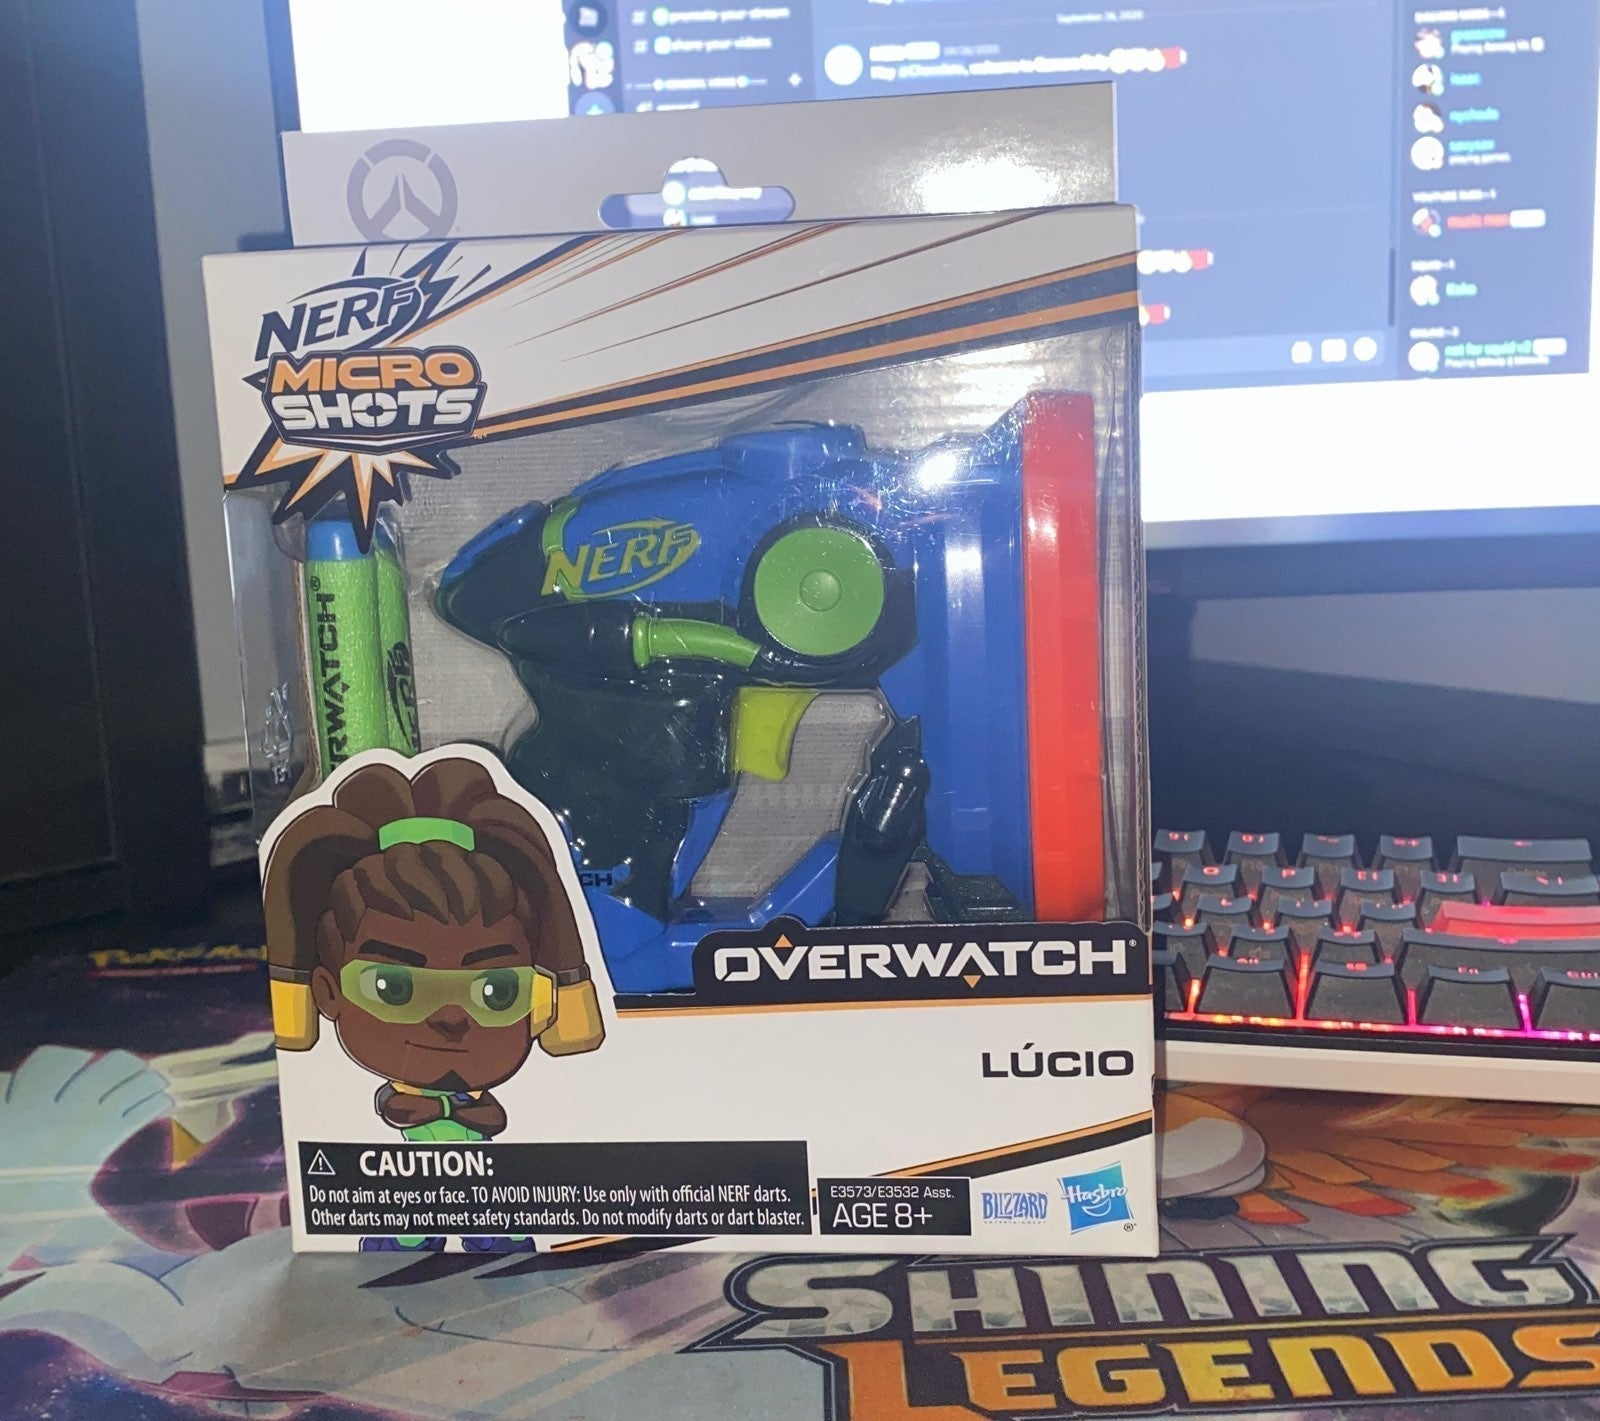 Lucio Overwatch Nerf Micro Shots